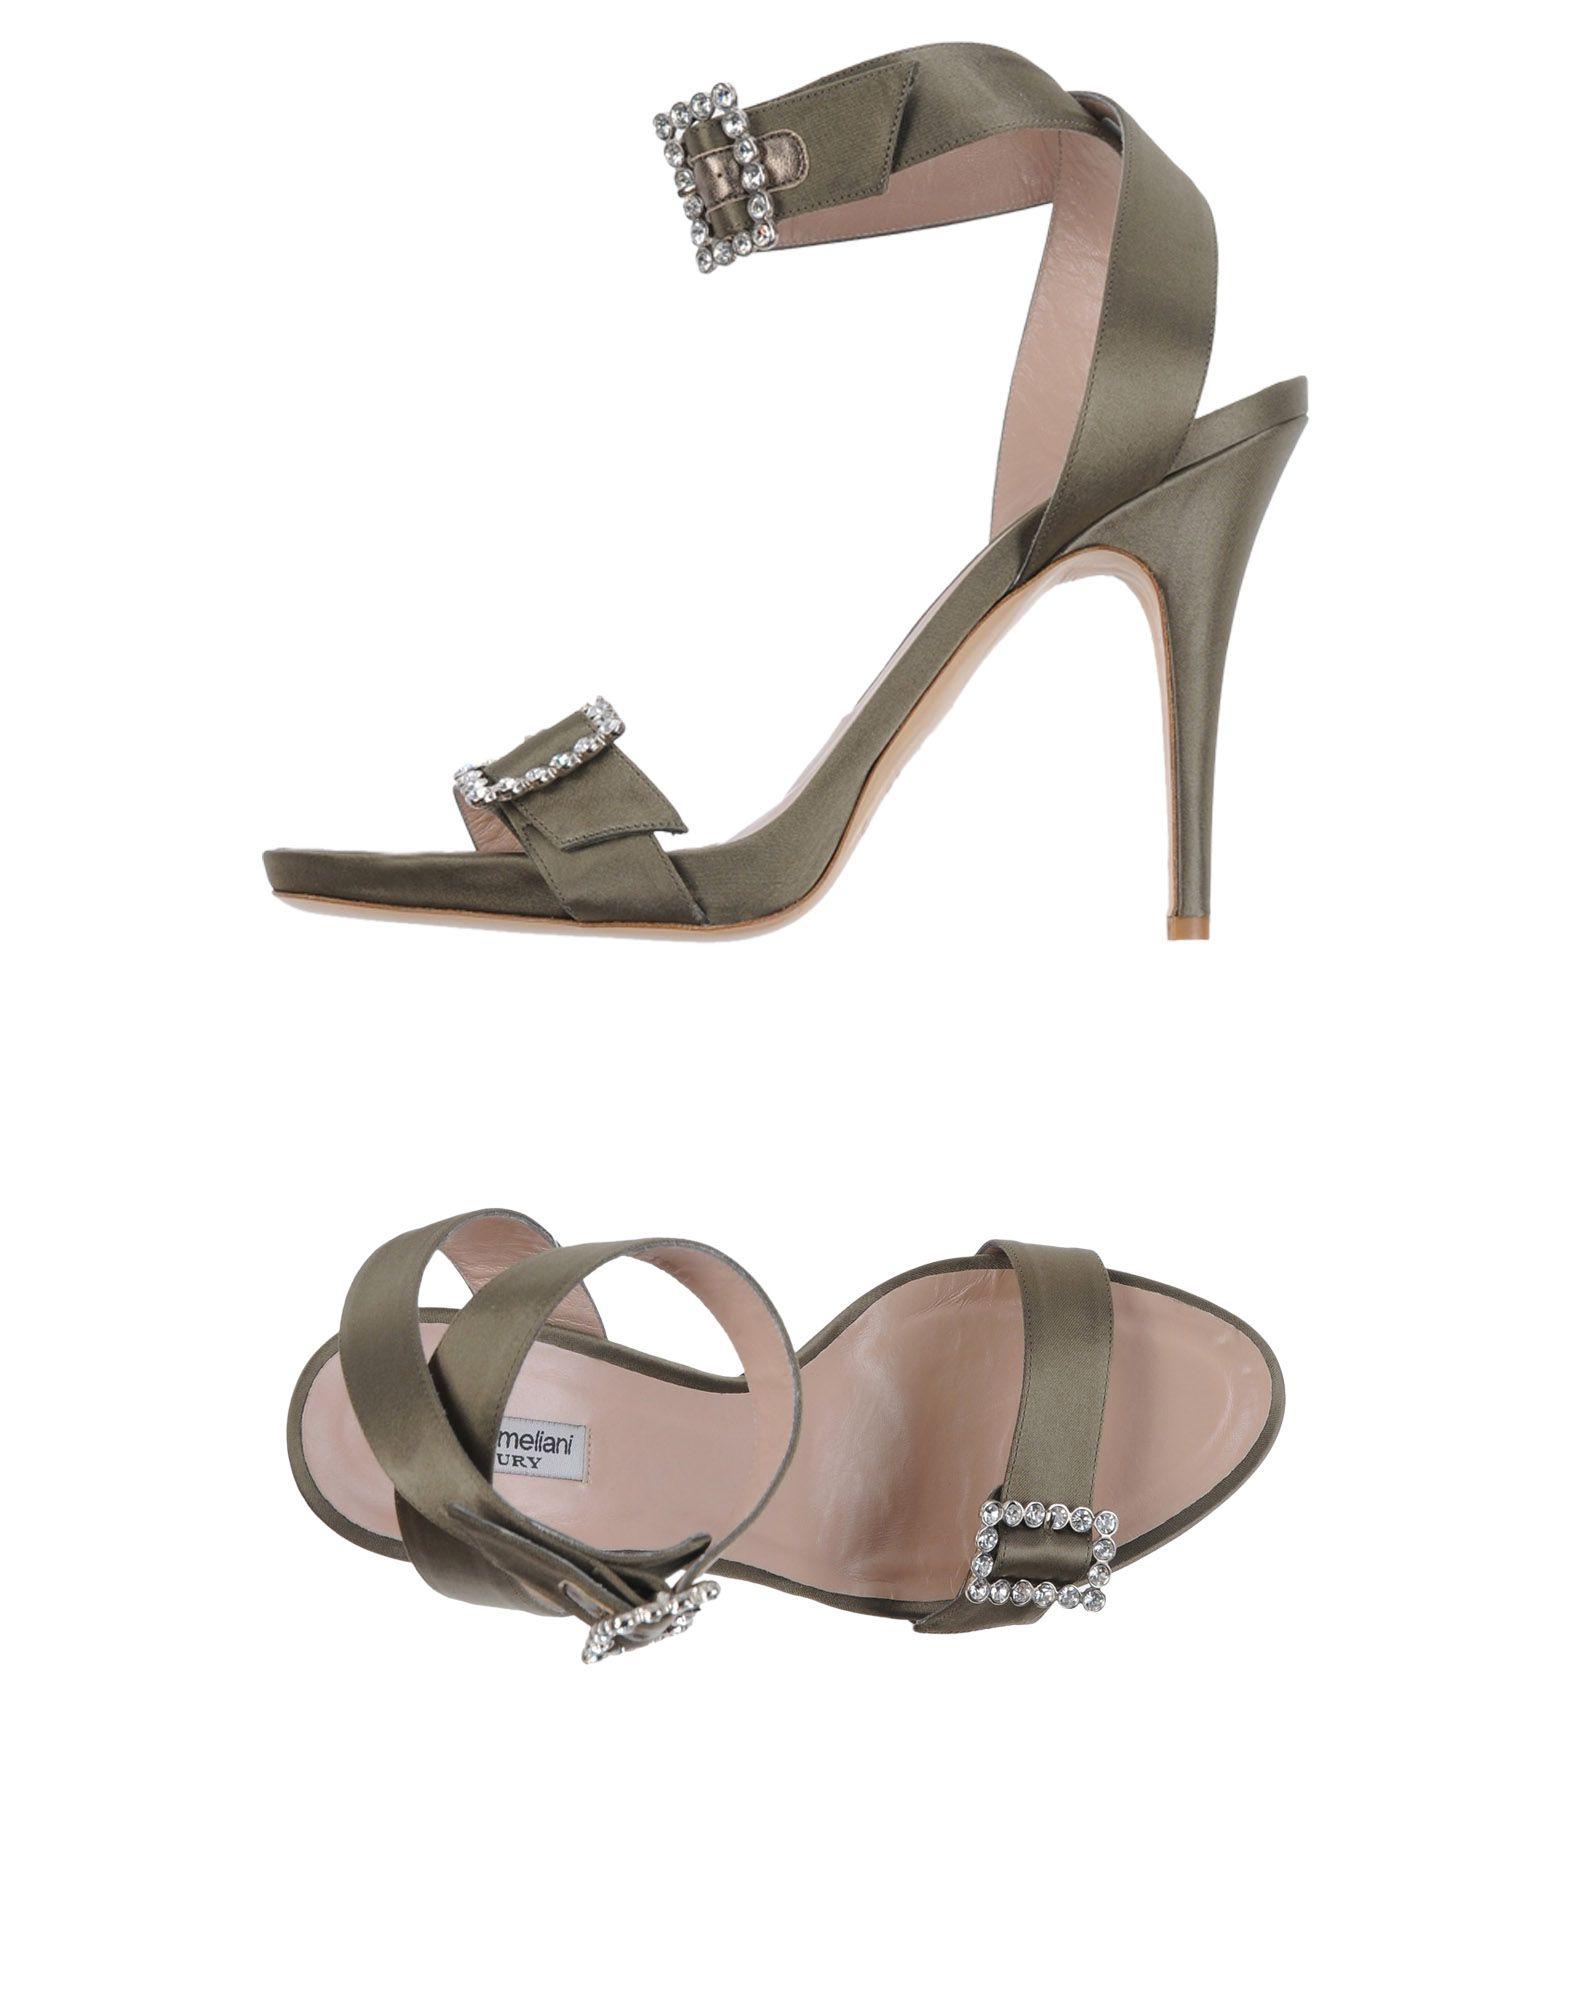 Sandali Gianna Meliani Luxury Donna - Acquista online su